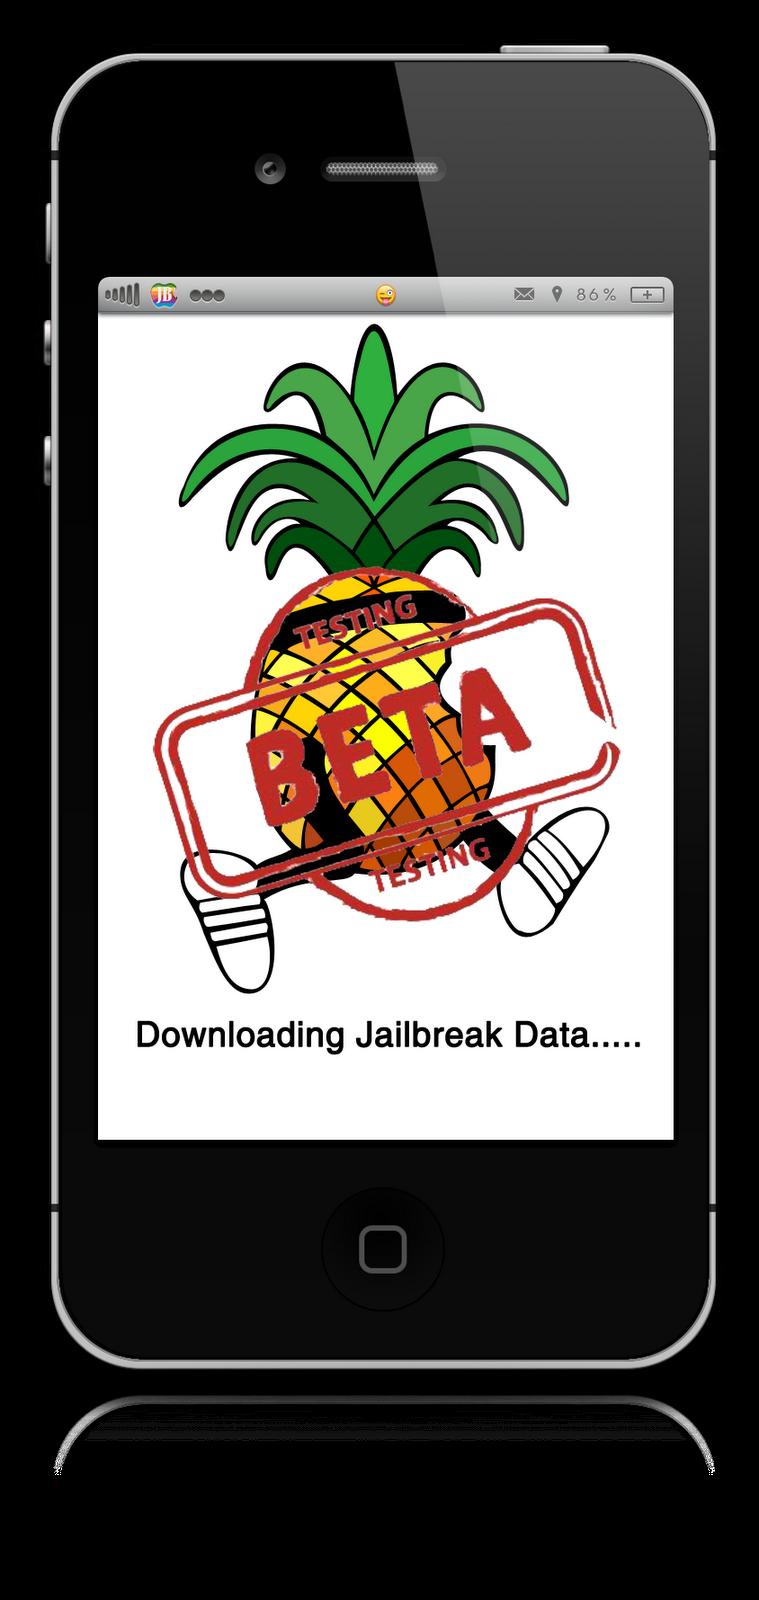 Cara Jailbreak iPhone 4 (CDMA/GSM) dan iPhone 3GS iOS 6 ...